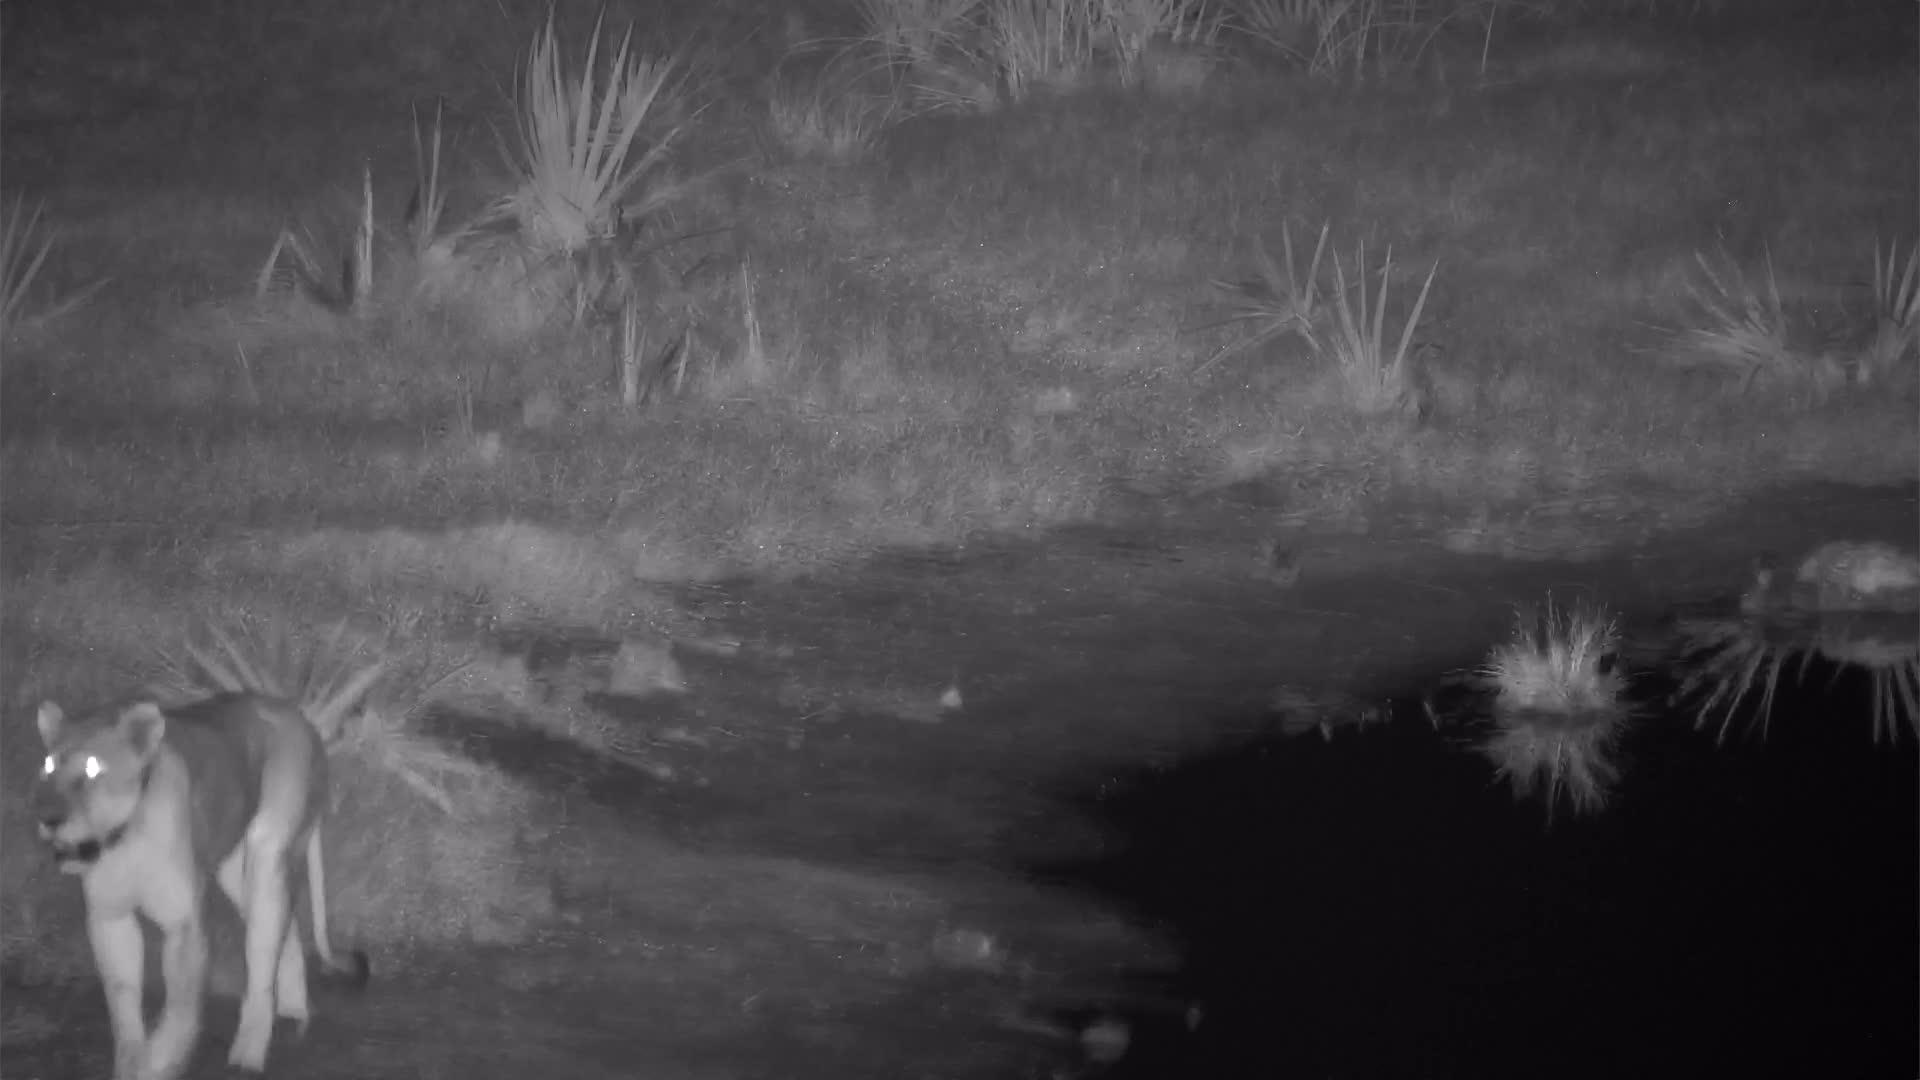 VIDEO: Lioness walking past the waterhole